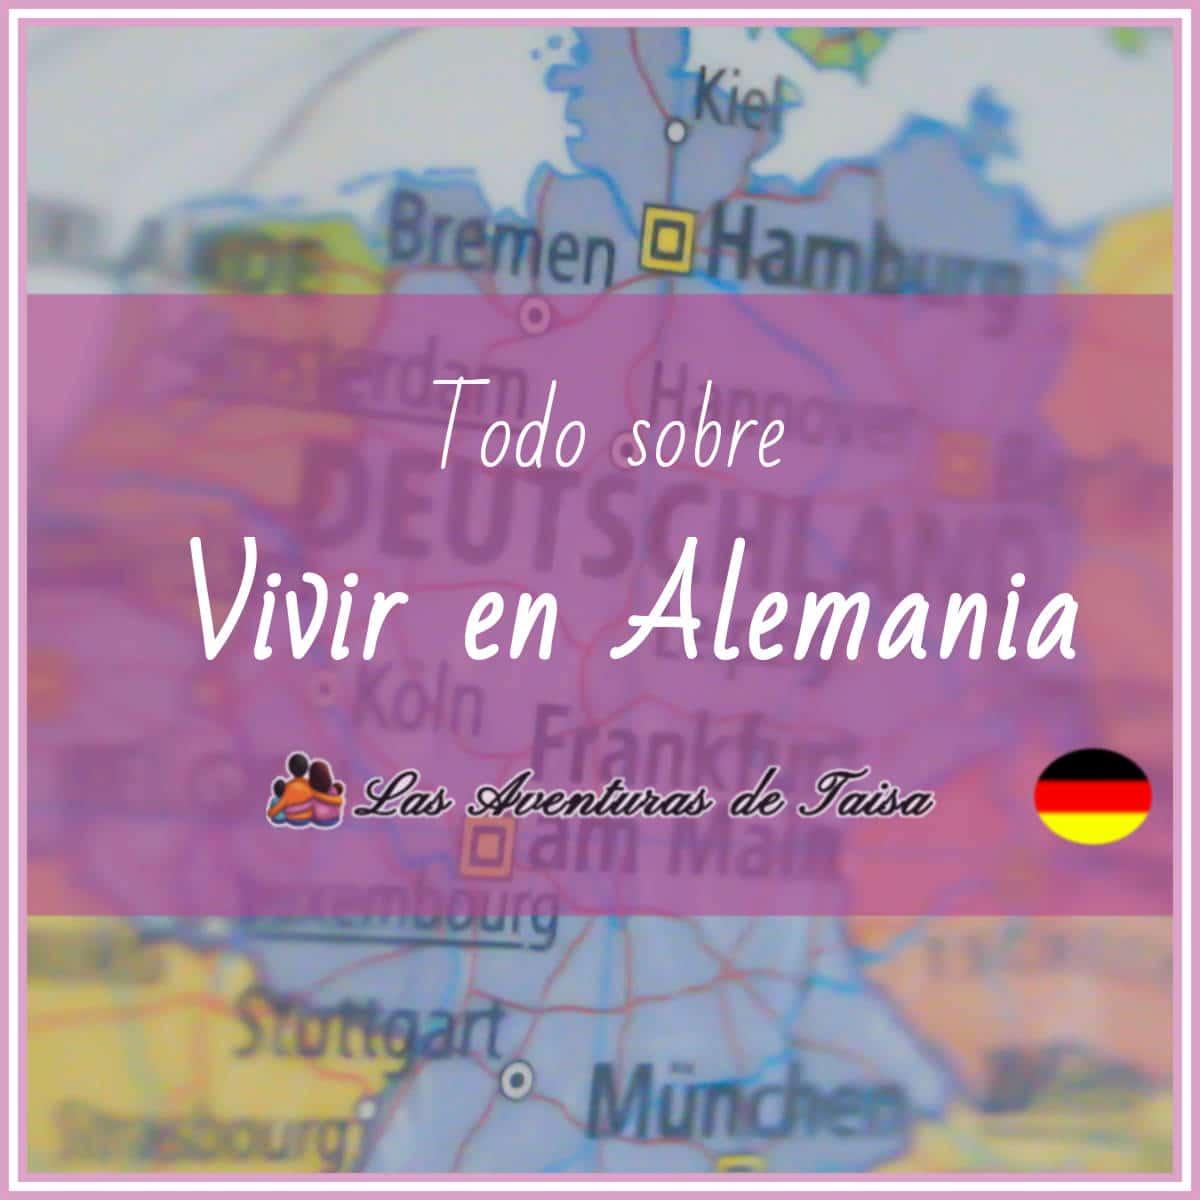 Todo sobre Vivir en Alemania